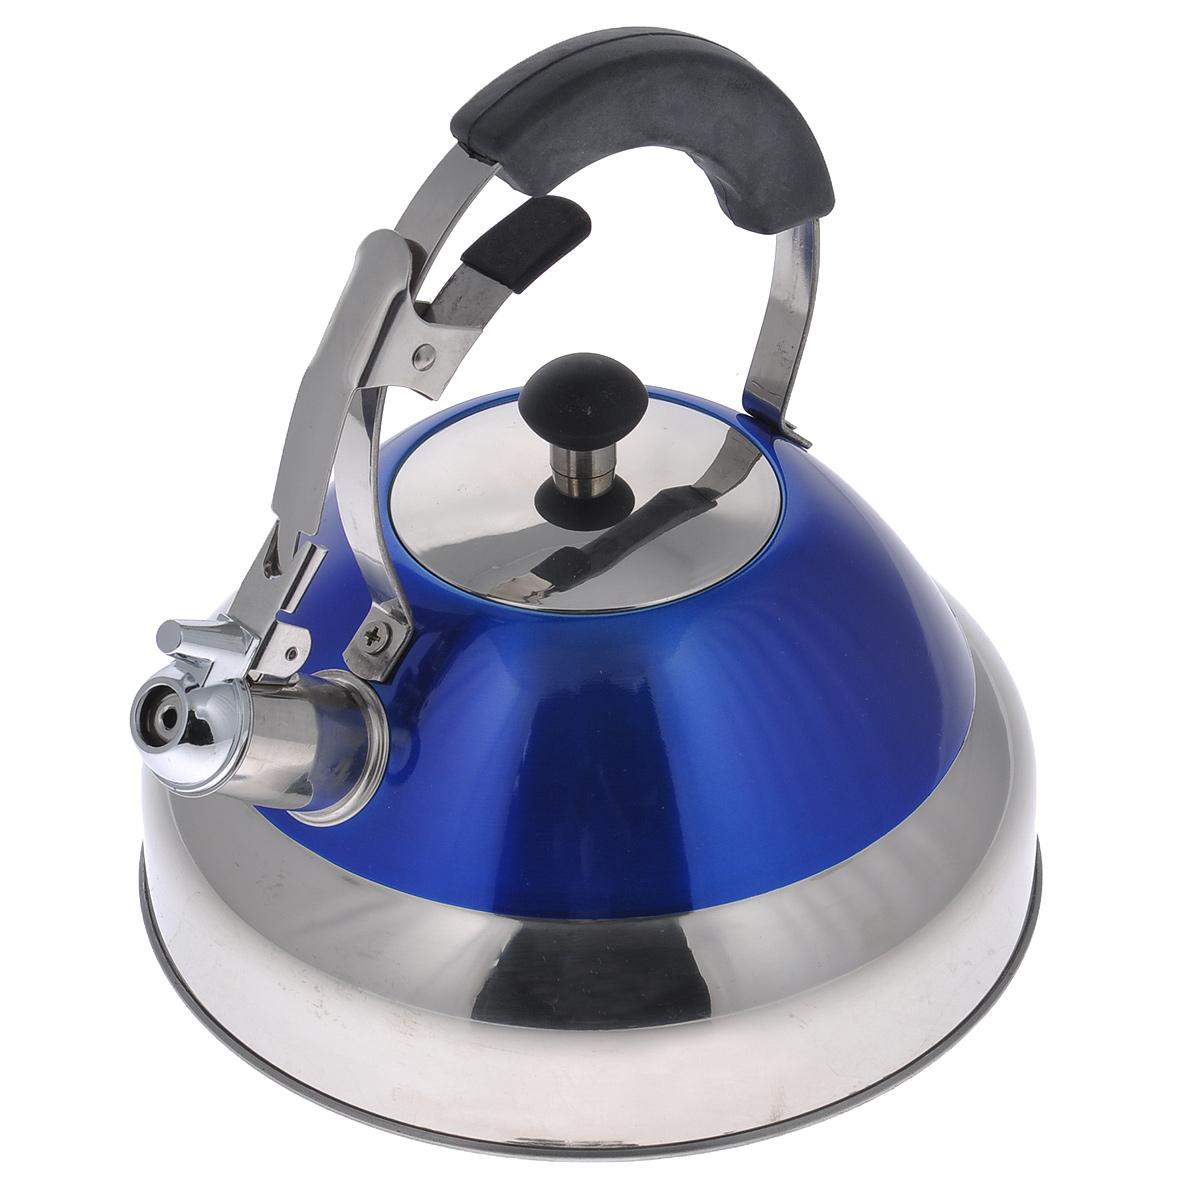 Чайник Bekker De Luxe со свистком, цвет: синий, 2,7 л. BK-S423BK-S423Чайник Bekker De Luxe выполнен из высококачественной нержавеющей стали, что обеспечивает долговечность использования. Внешнее цветное эмалевое покрытие придает приятный внешний вид. Металлическая фиксированная ручка с силиконовым покрытием делает использование чайника очень удобным и безопасным. Чайник снабжен свистком и устройством для открывания носика. Изделие оснащено капсулированным дном для лучшего распространения тепла.Можно мыть в посудомоечной машине. Пригоден для всех видов плит кроме индукционных. Высота чайника (без учета крышки и ручки): 11 см.Высота чайника (с учетом ручки): 24 см. Диаметр основания: 22,5 см.